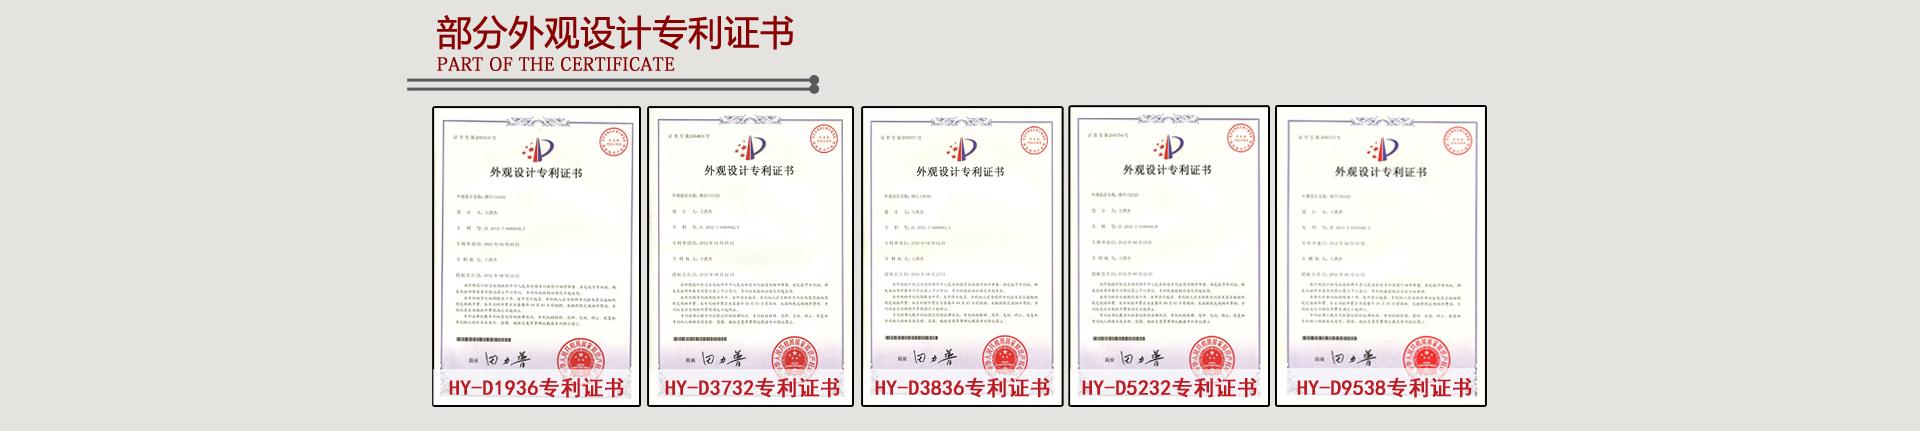 中国亚博足彩app苹果版亚博体育苹果官方下载知名品牌排行榜 知名品牌知名厂家